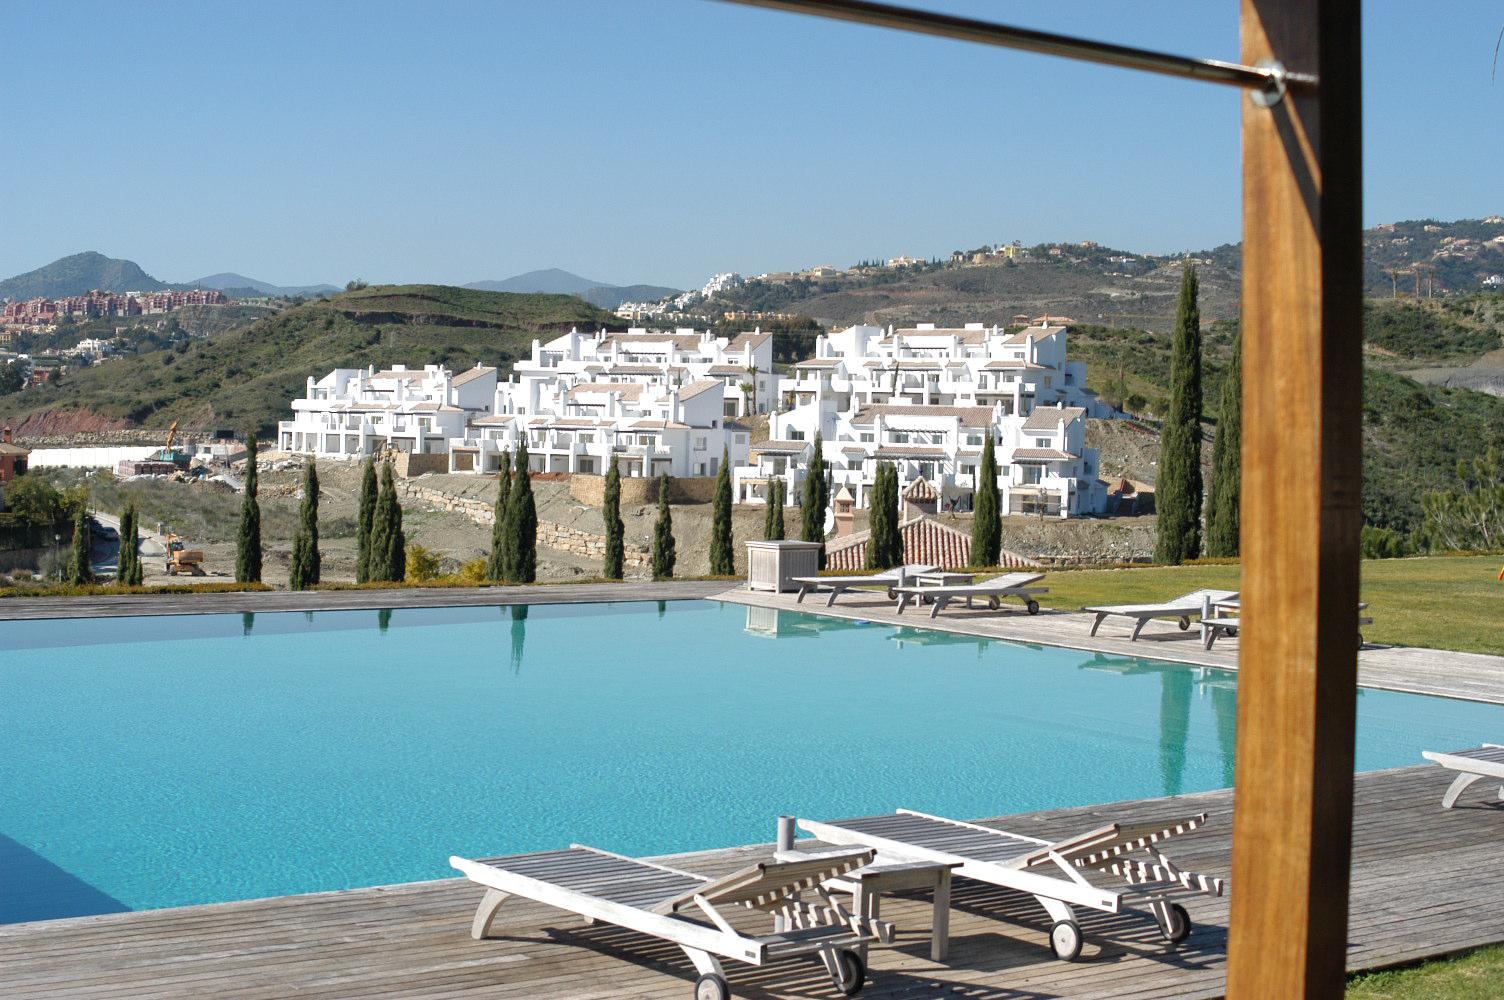 4 Pool Marbella